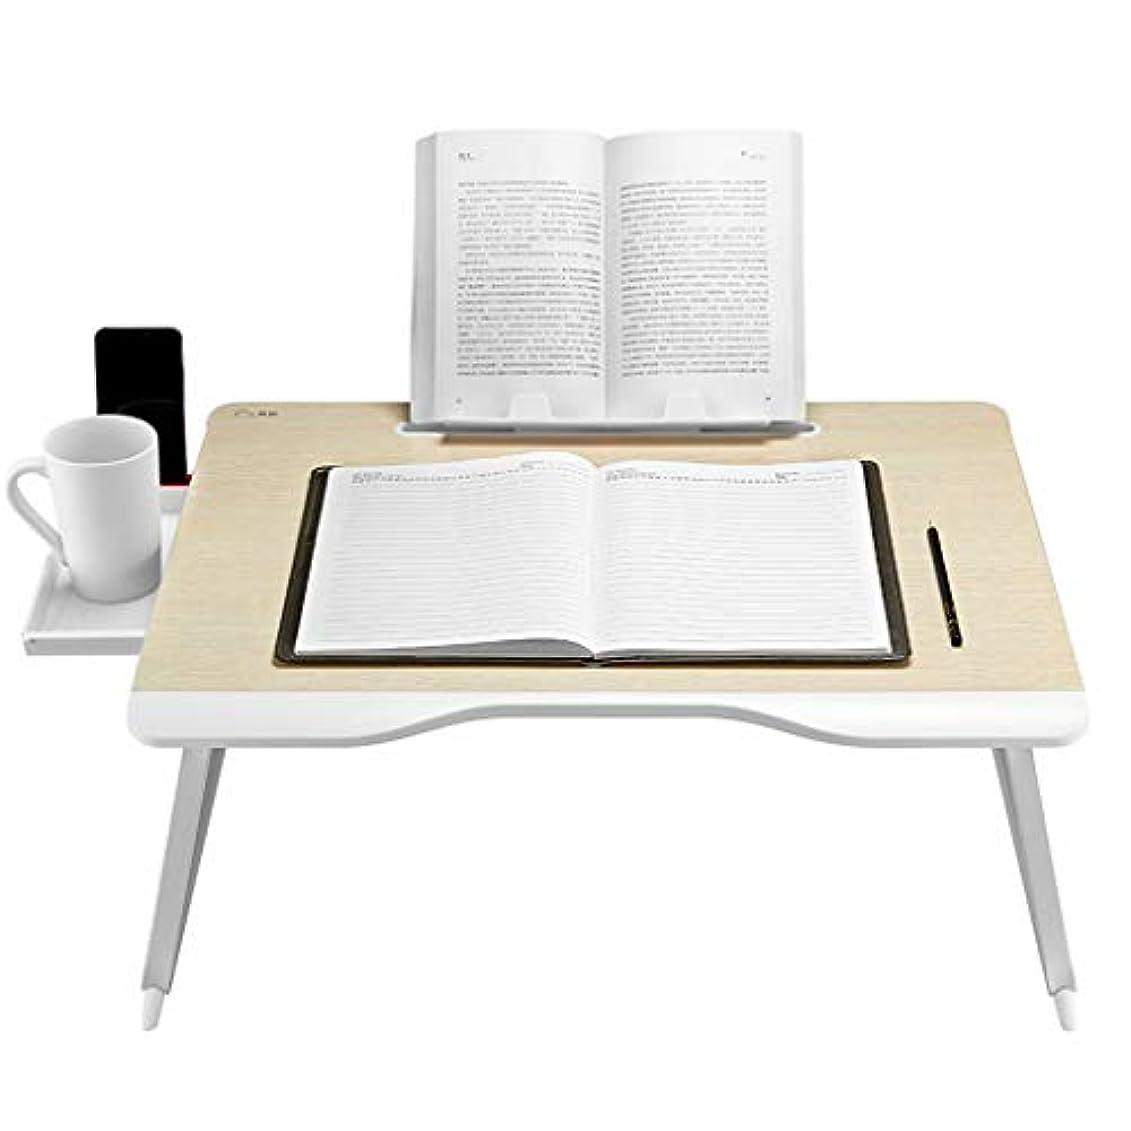 印象的な沼地間違いFRF 折りたたみ式テーブル- 家庭用寮折りたたみ式コンピュータデスク、子供用ベッドルーム書斎デスクスタディテーブル (色 : ベージュ, サイズ さいず : 65x49x30cm)